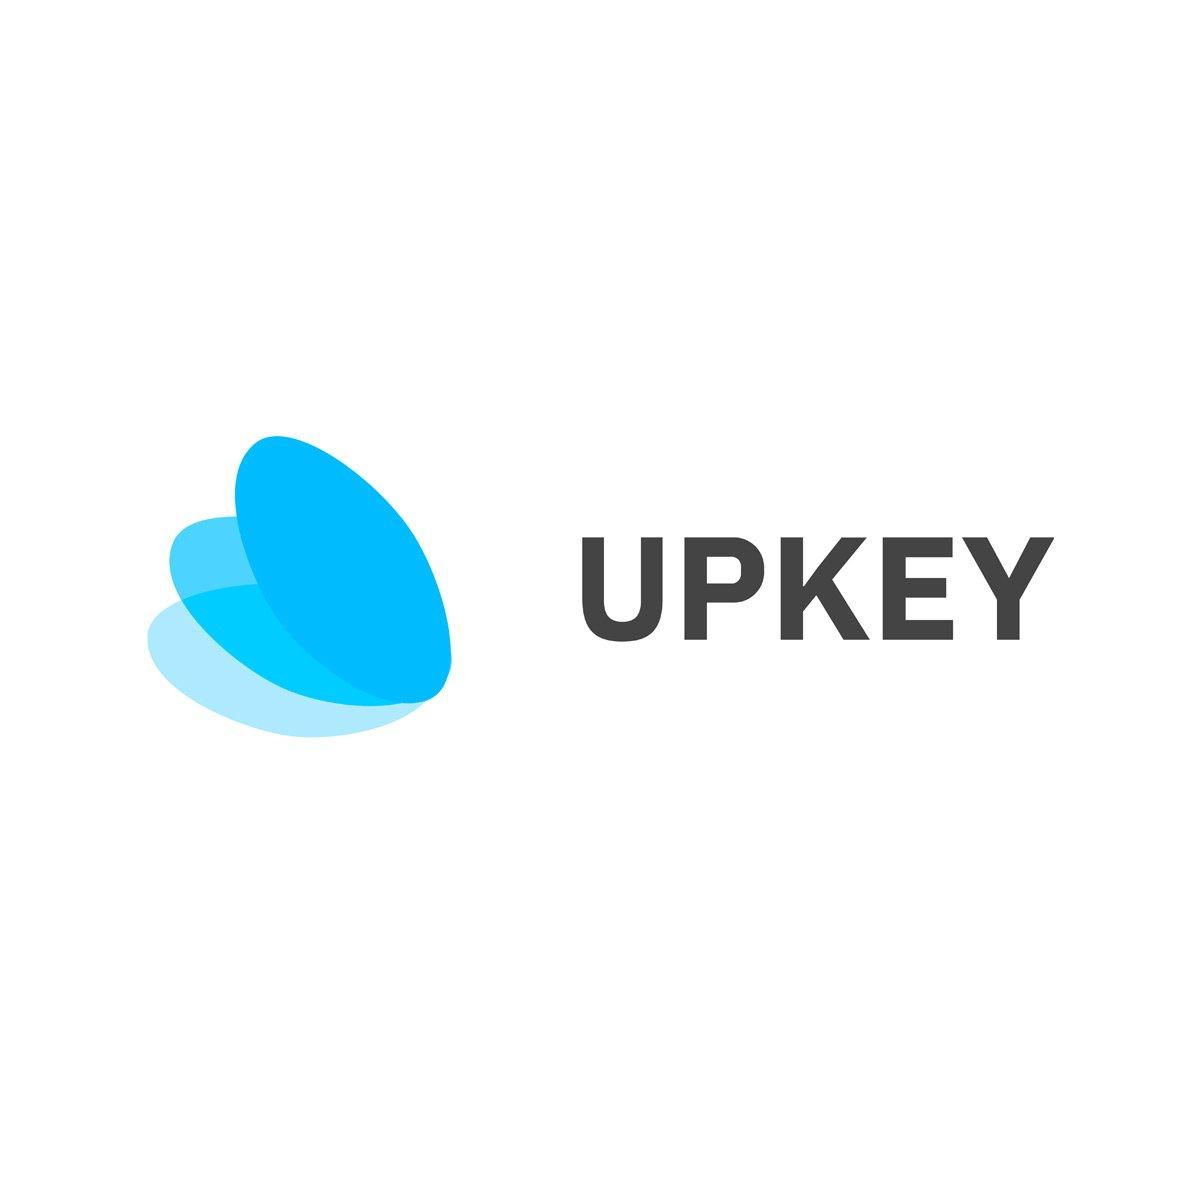 Upkey